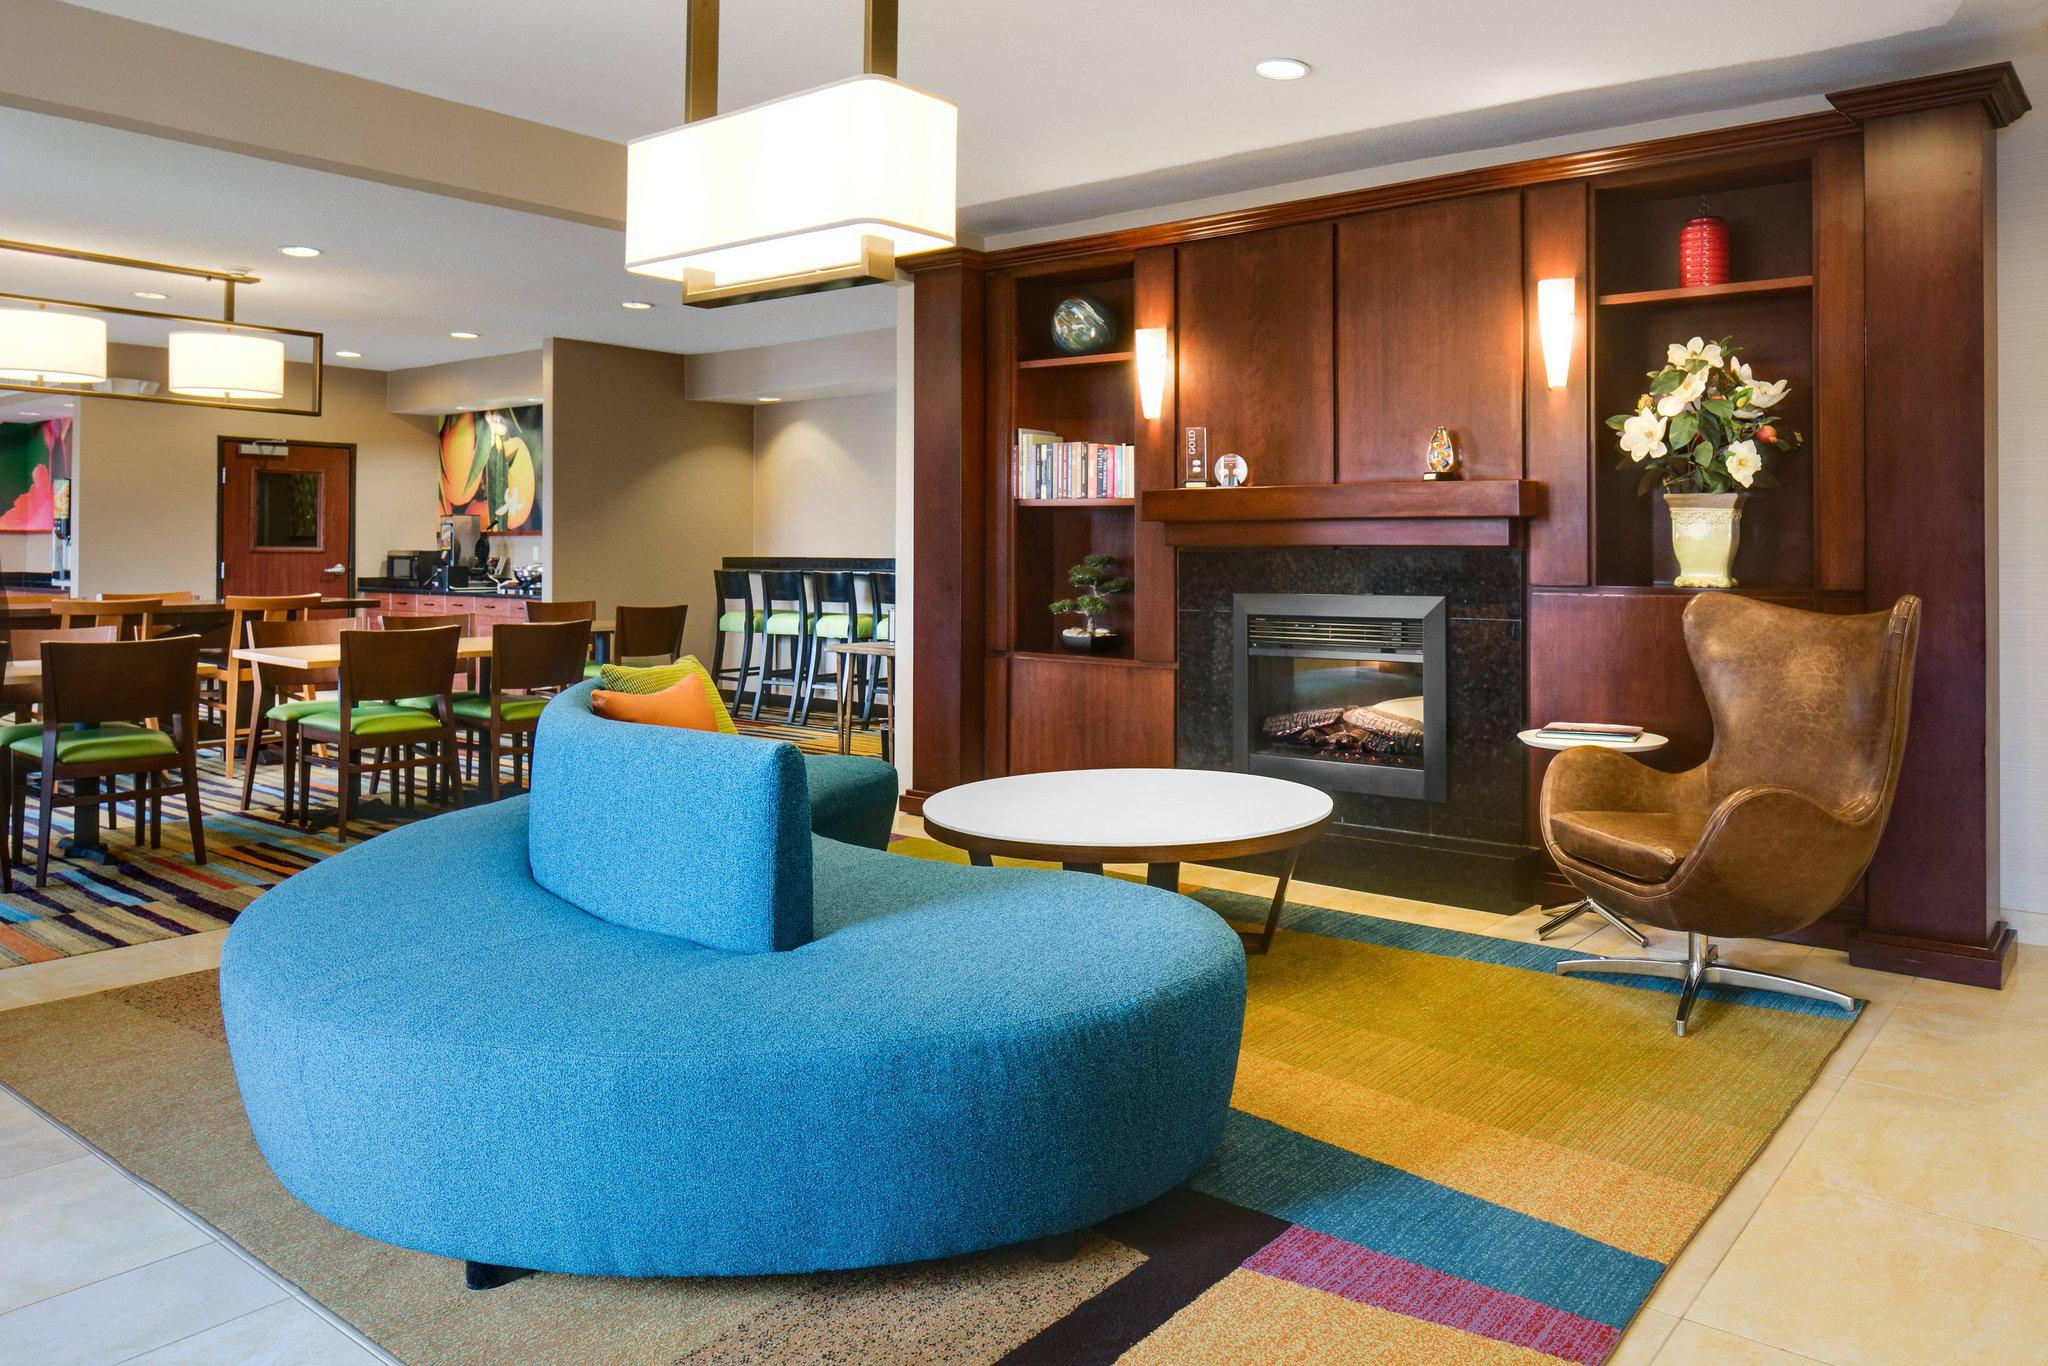 Fairfield Inn & Suites by Marriott Kansas City Olathe